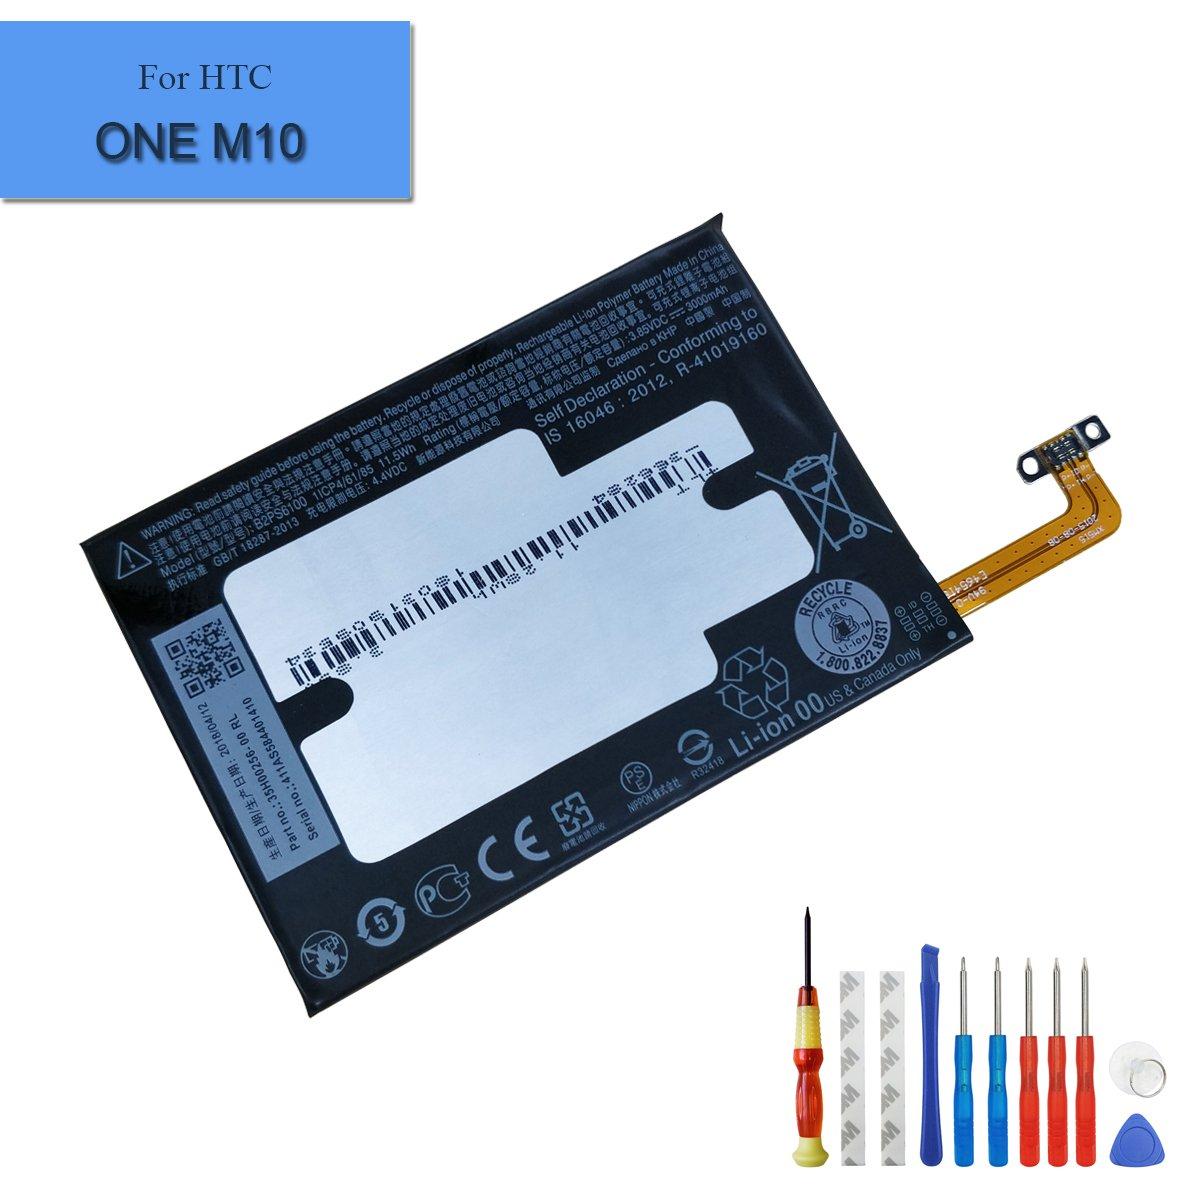 Bateria Celular Para Htc One M10 3000mah 3.85v B2ps6100 Built In 35h00256 00rl + Herramientas